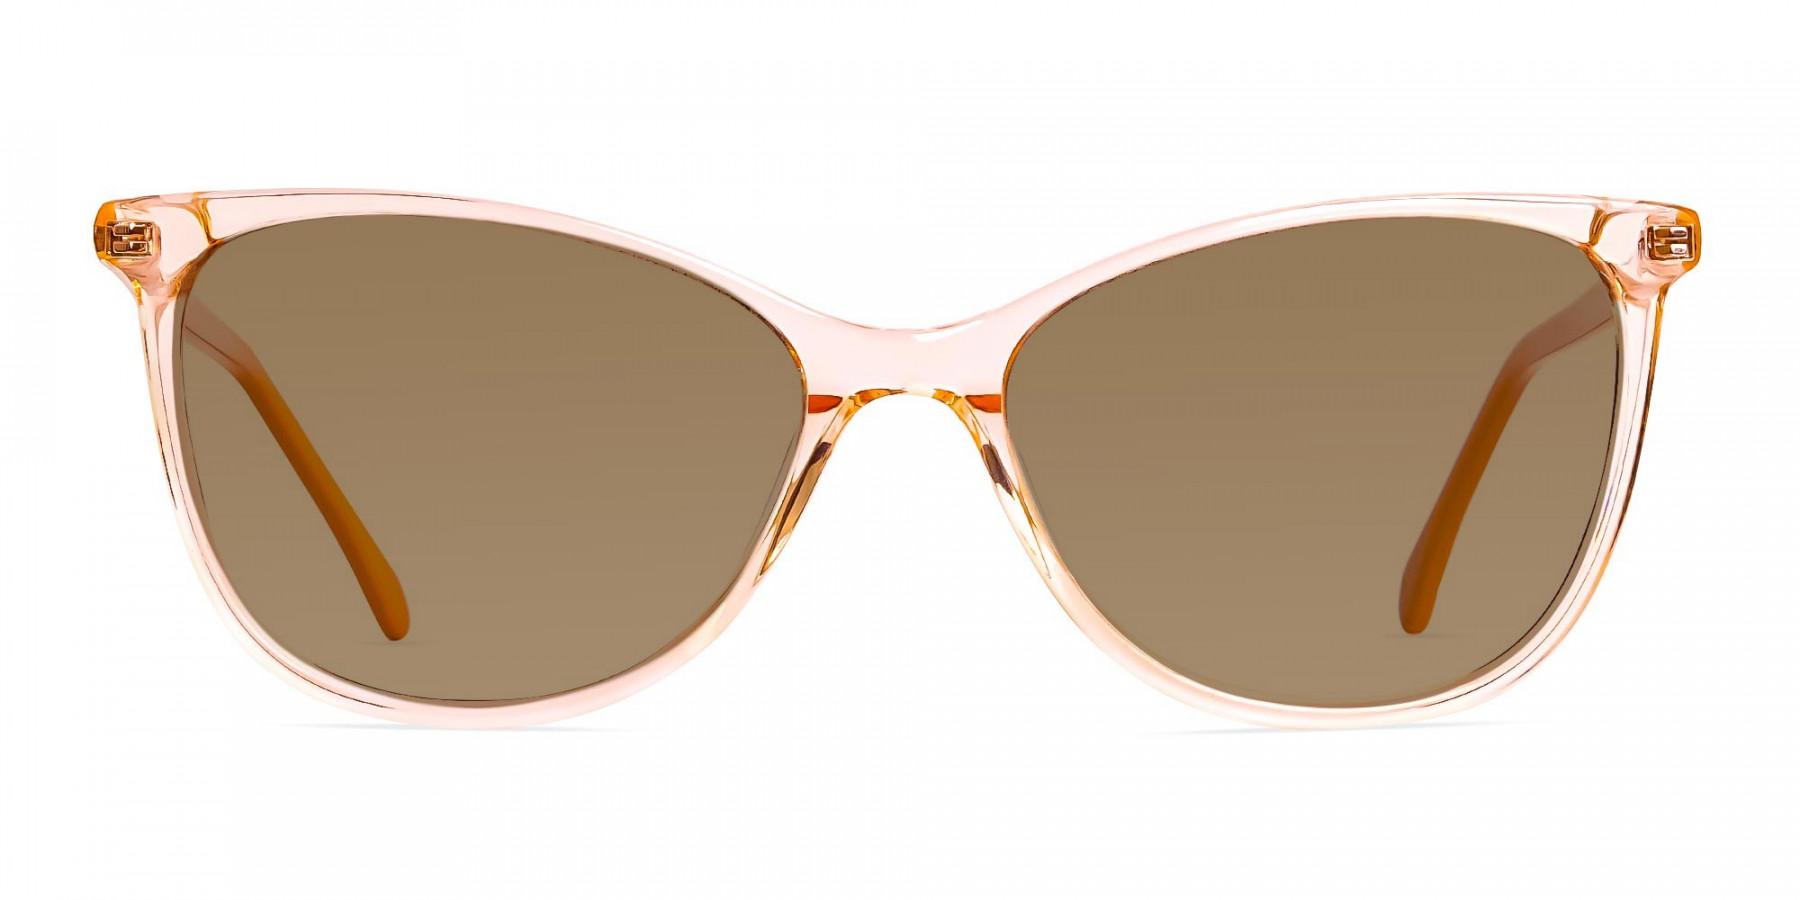 crystal-clear-orange-cat-eye-dark-grey-tinted-sunglasses-frames-3